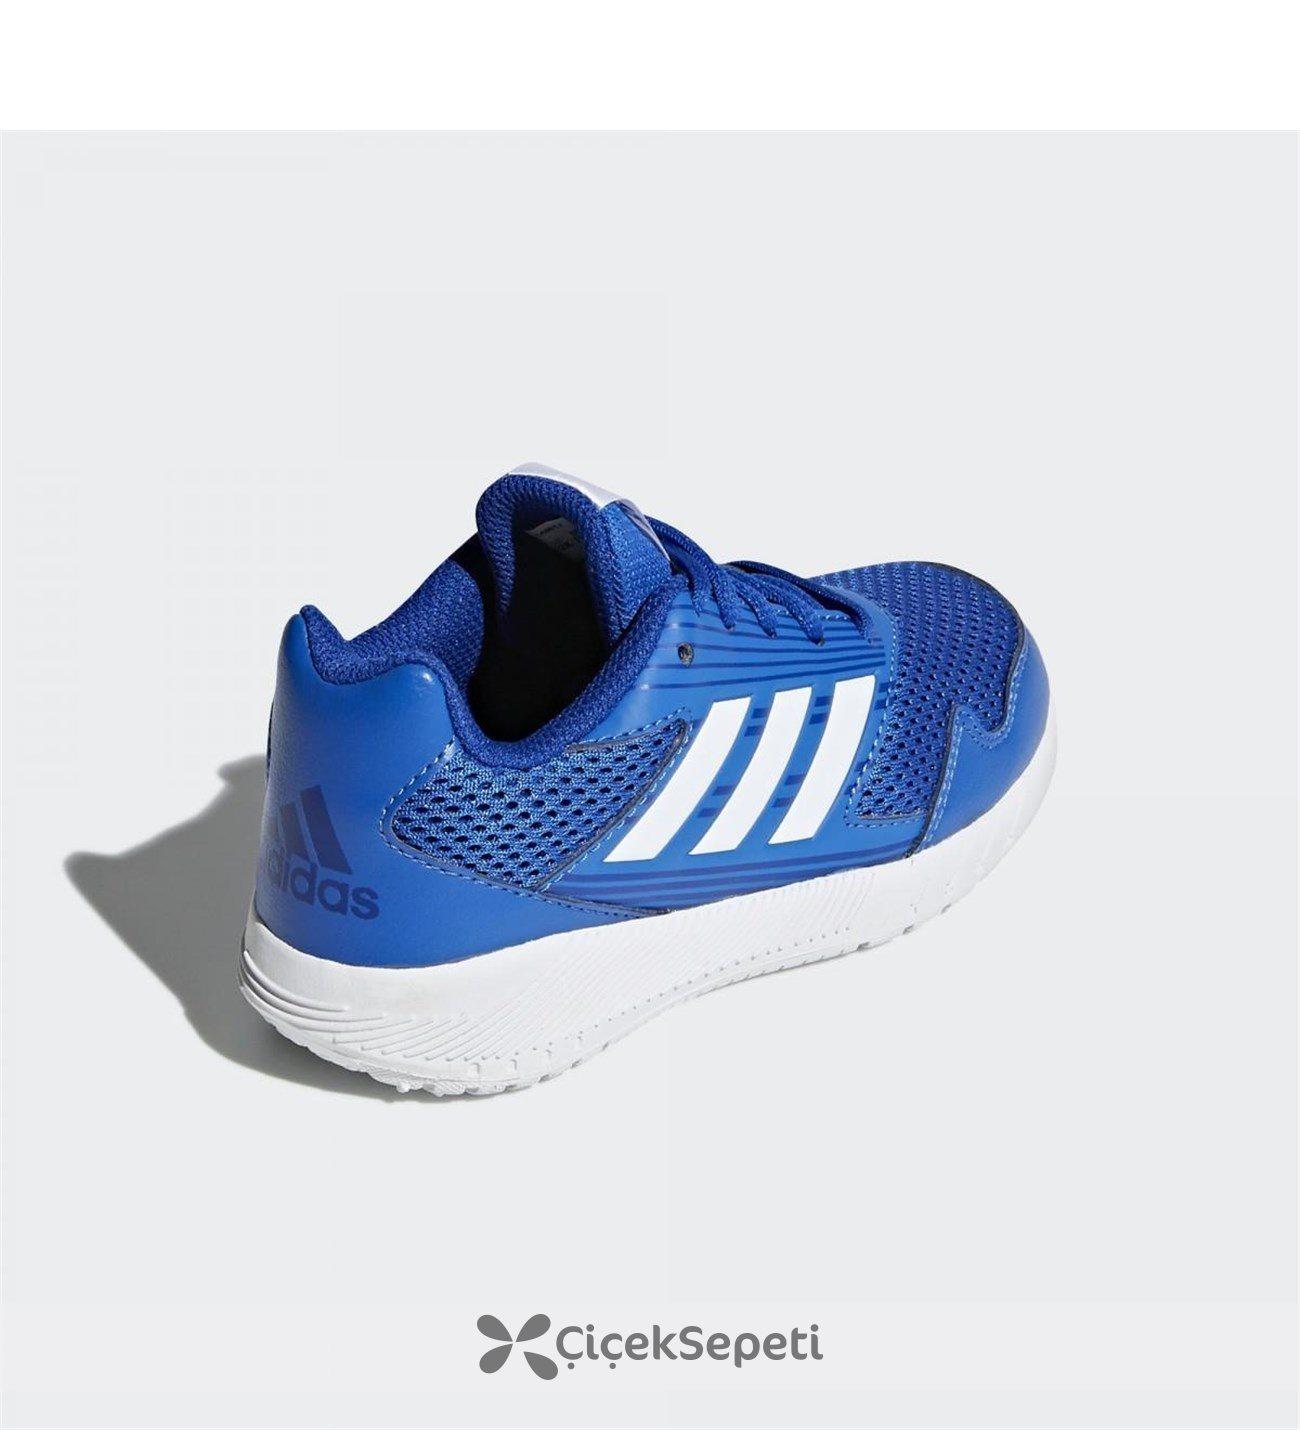 Spor ayakkabılar ve kemerler Mavi'ye taze geldi